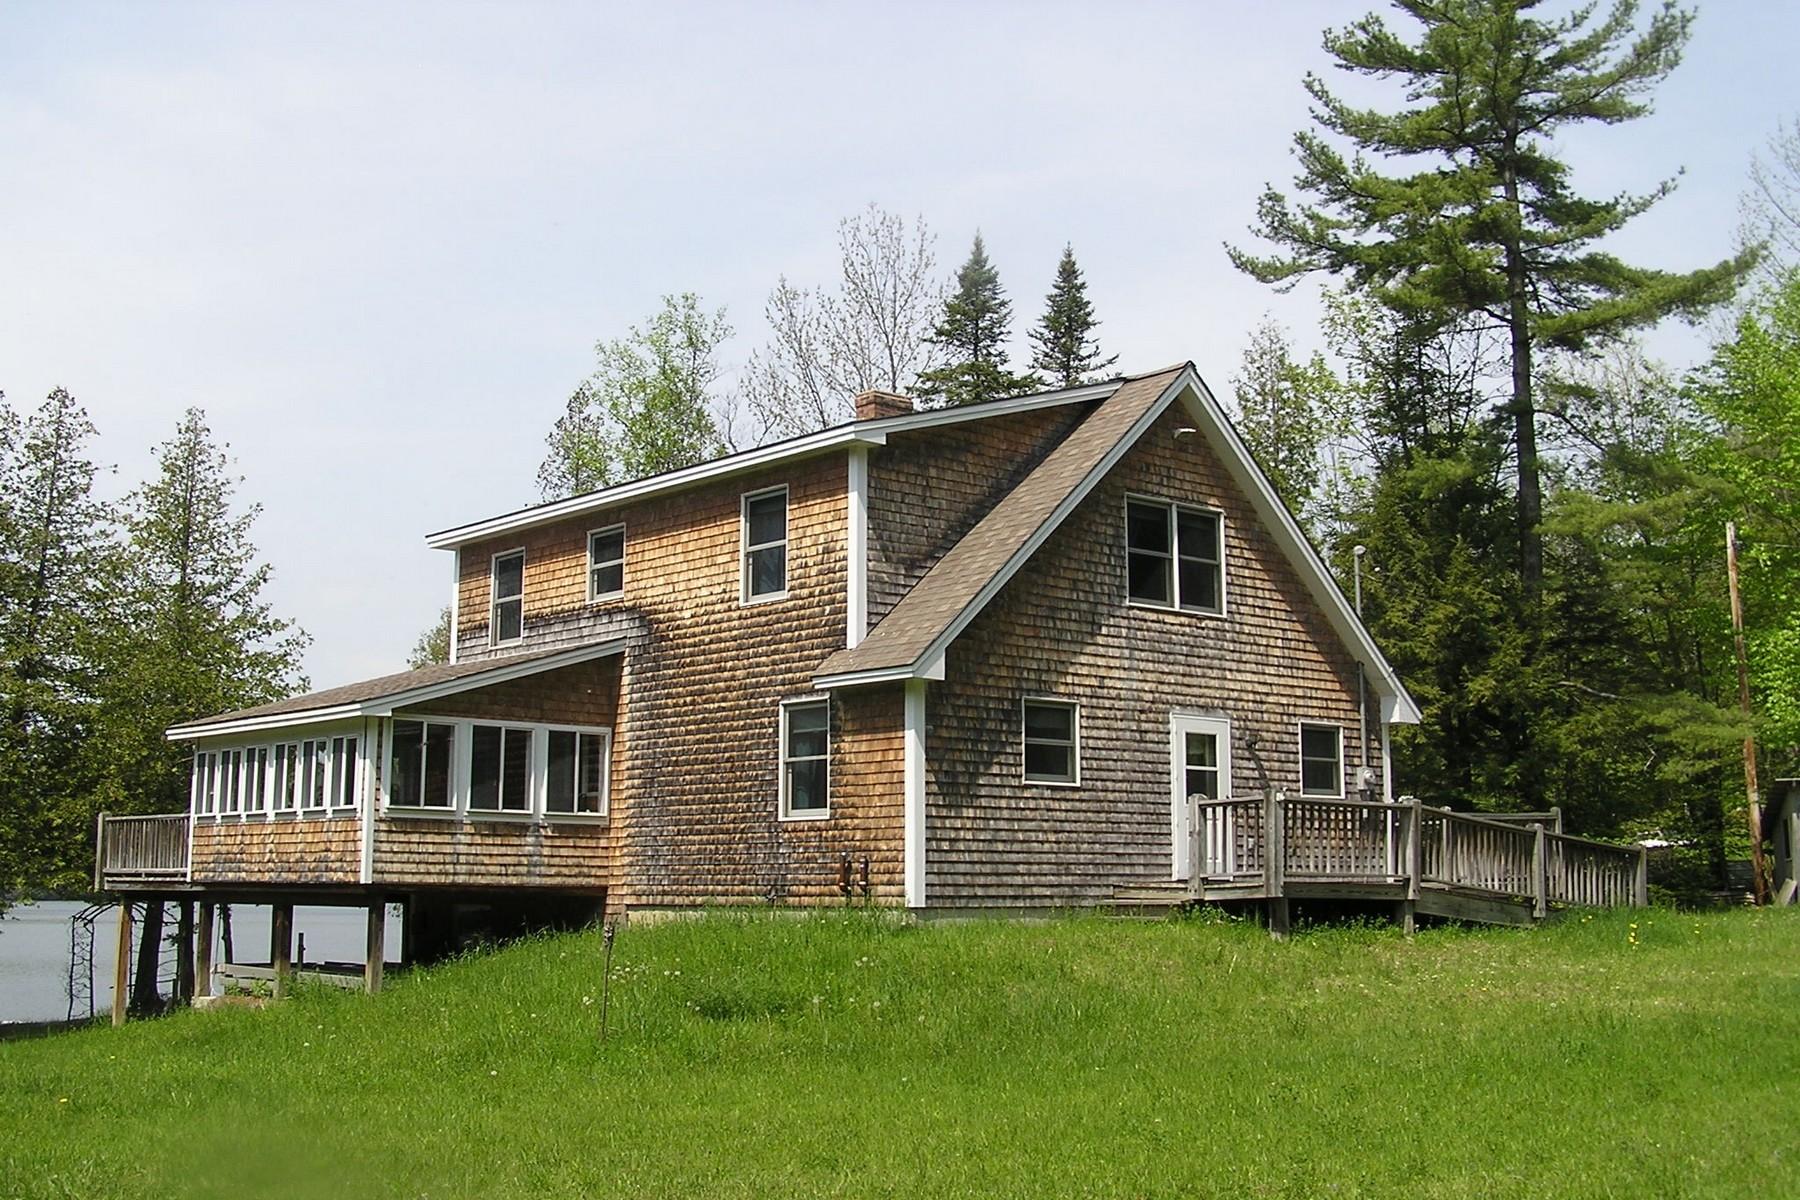 단독 가정 주택 용 매매 에 182 Camp Rd, Peacham Peacham, 베르몬트, 05862 미국